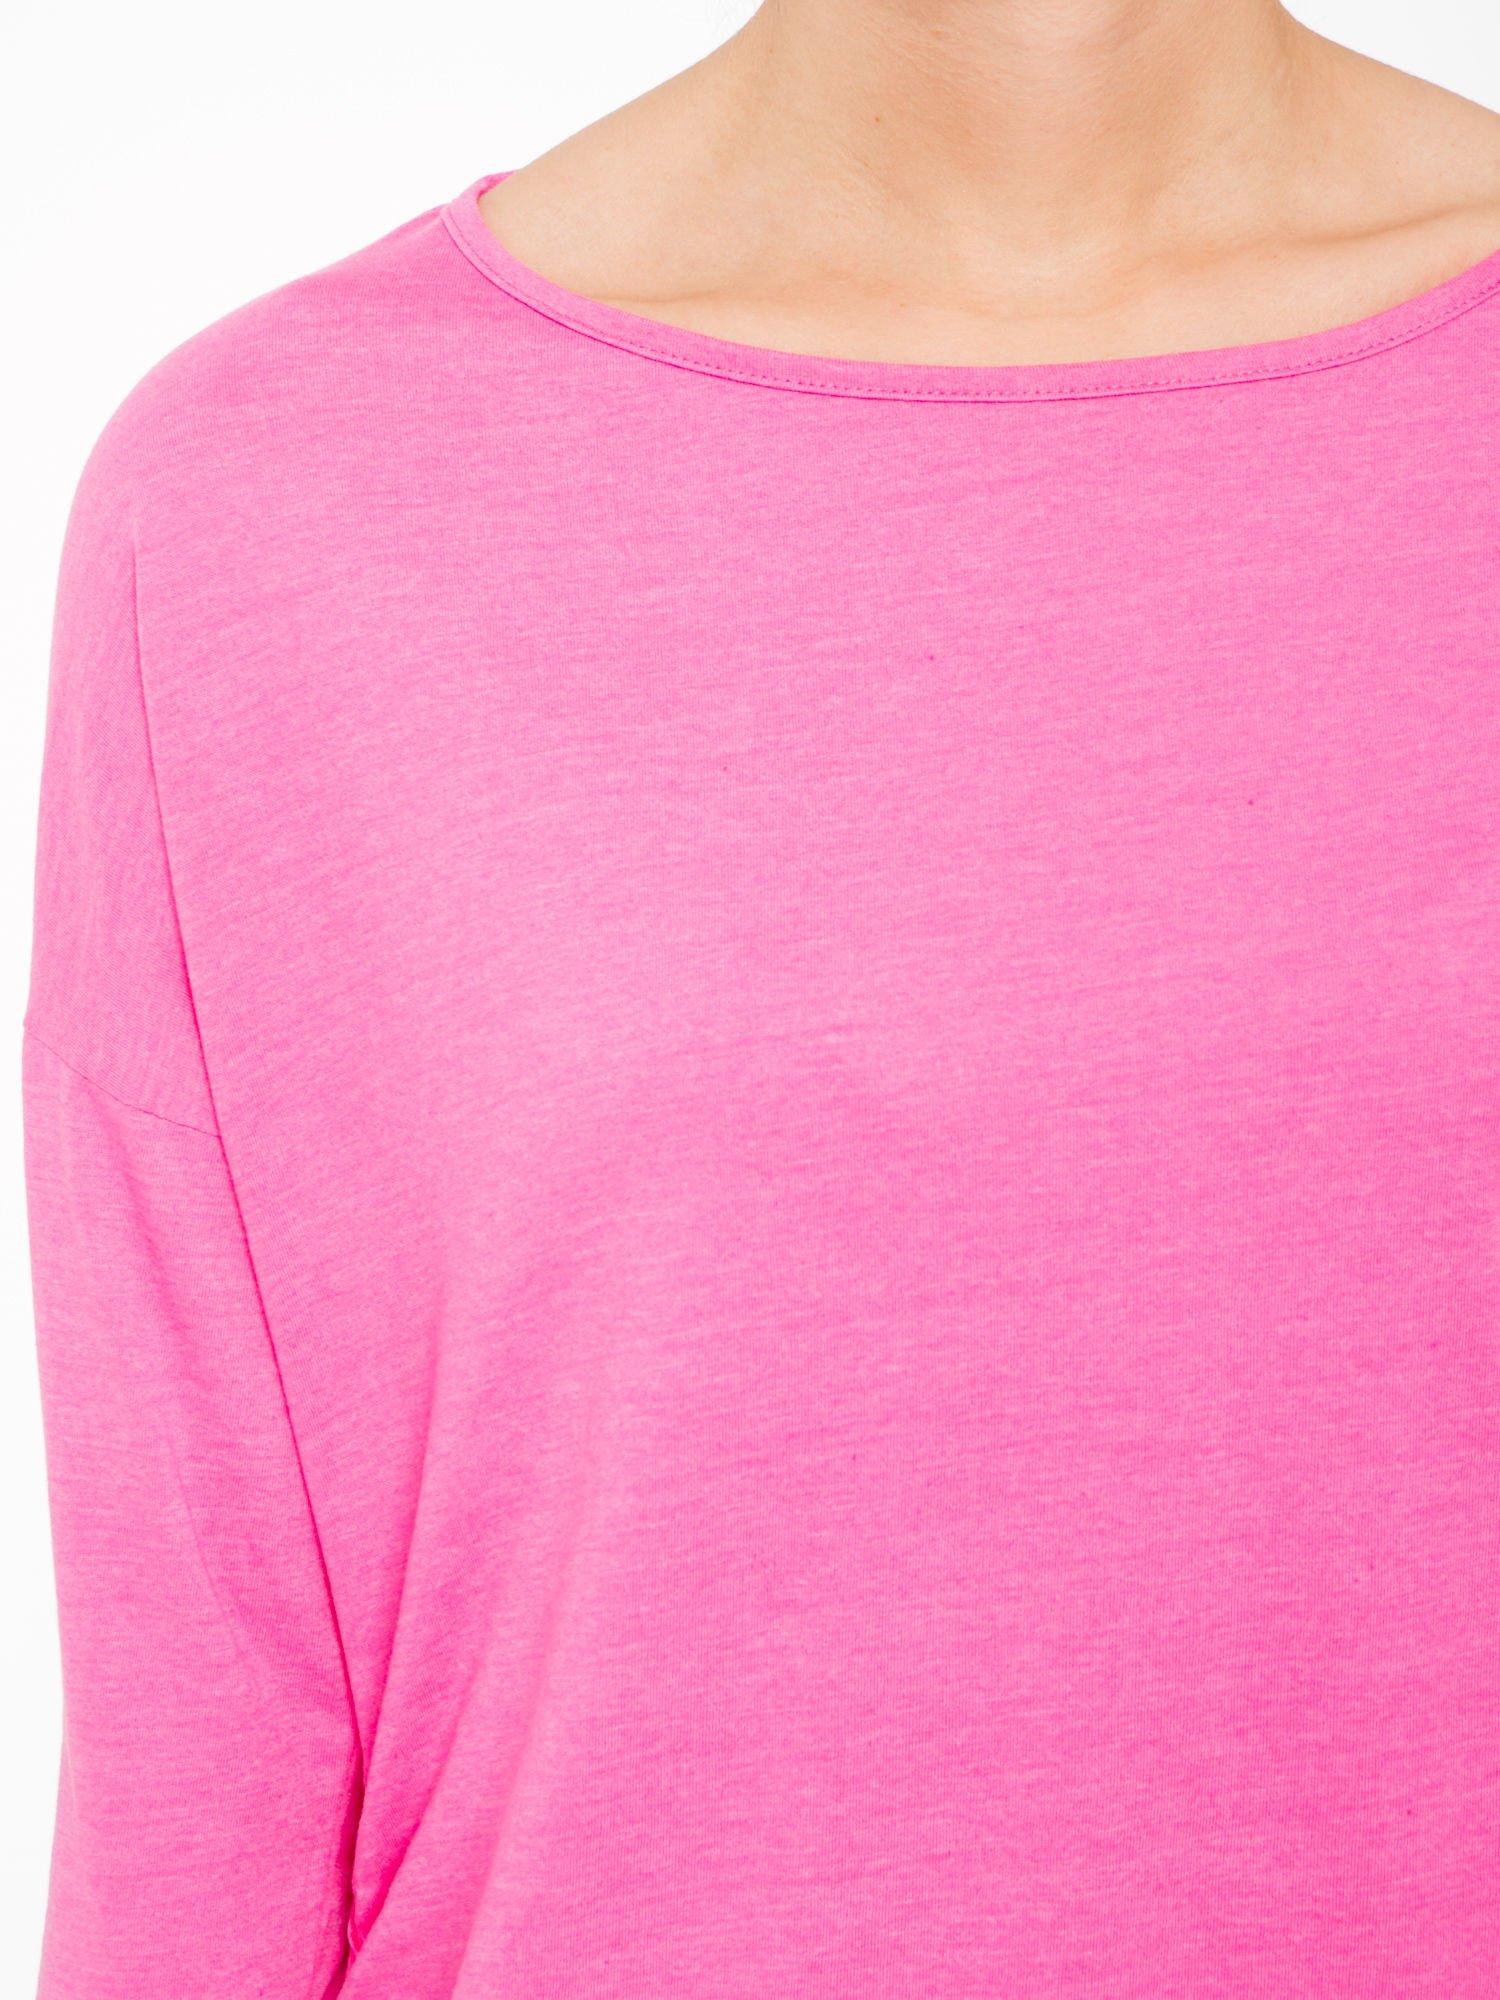 Różowa luźna bluzka z rękawem 3/4                                  zdj.                                  5